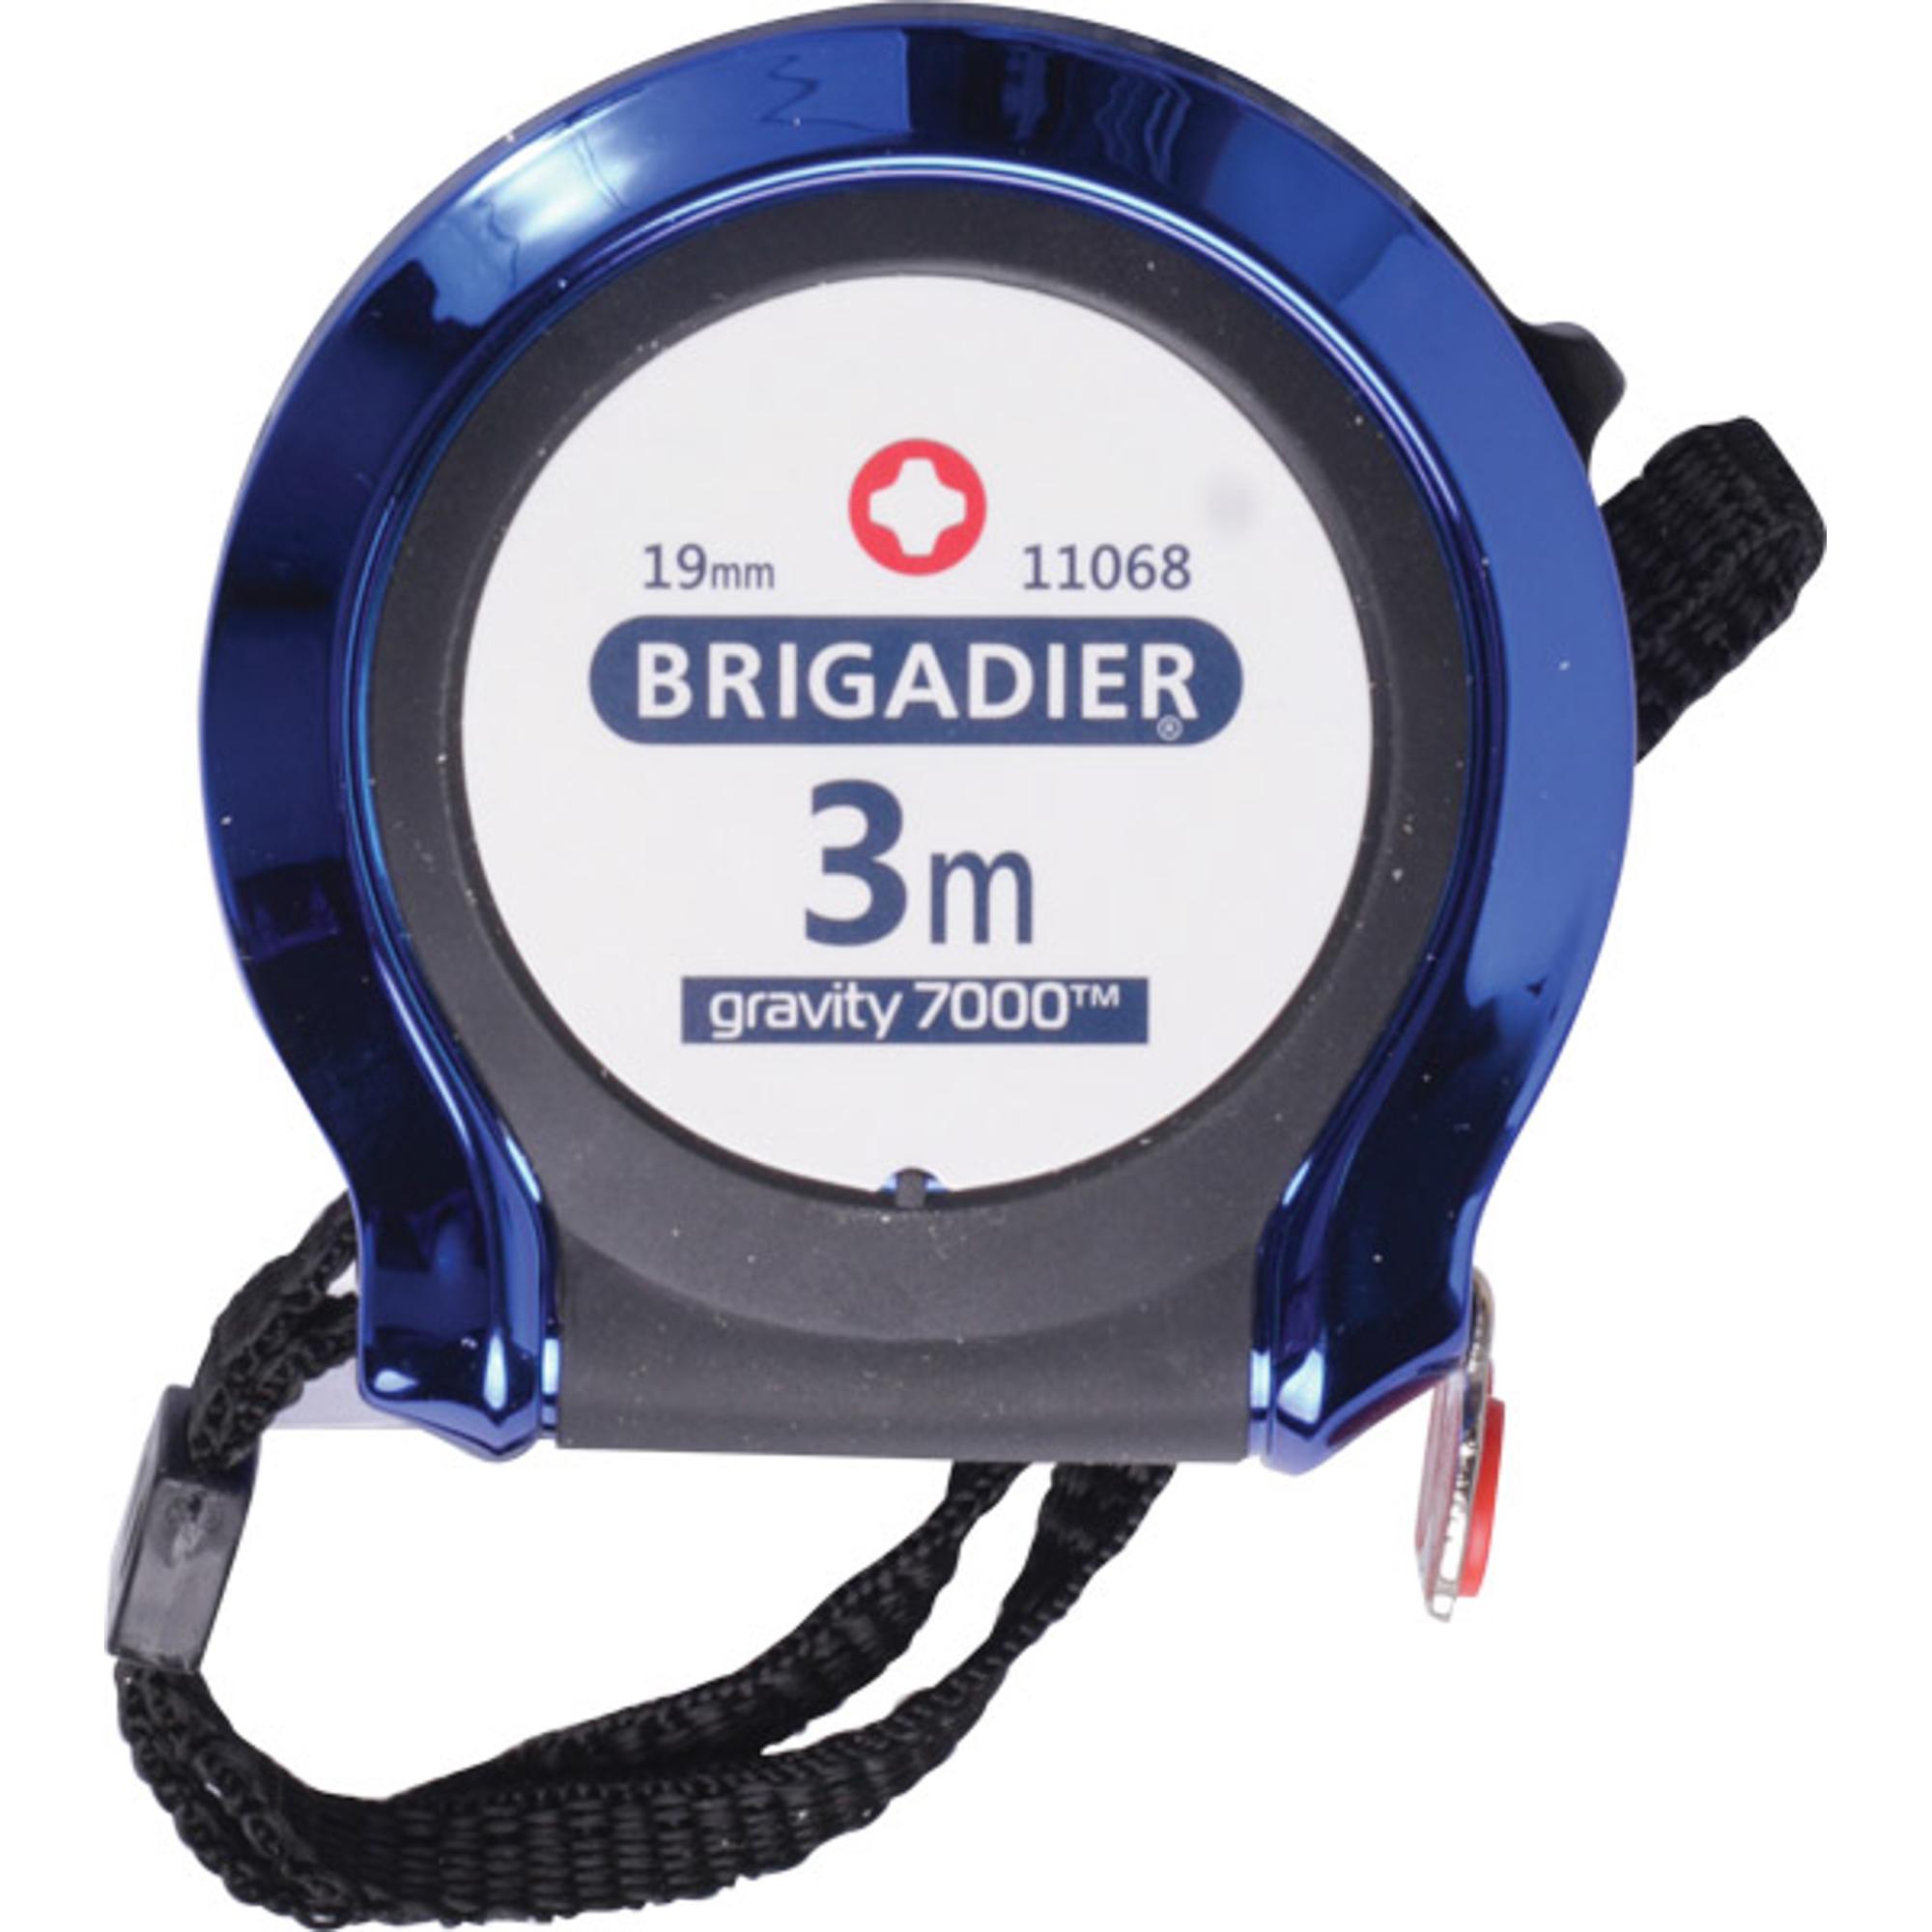 Рулетка измерительная Brigadier 3 м 19 мм измерительная рулетка ada instruments rubtape 3 16 мм x 3 м